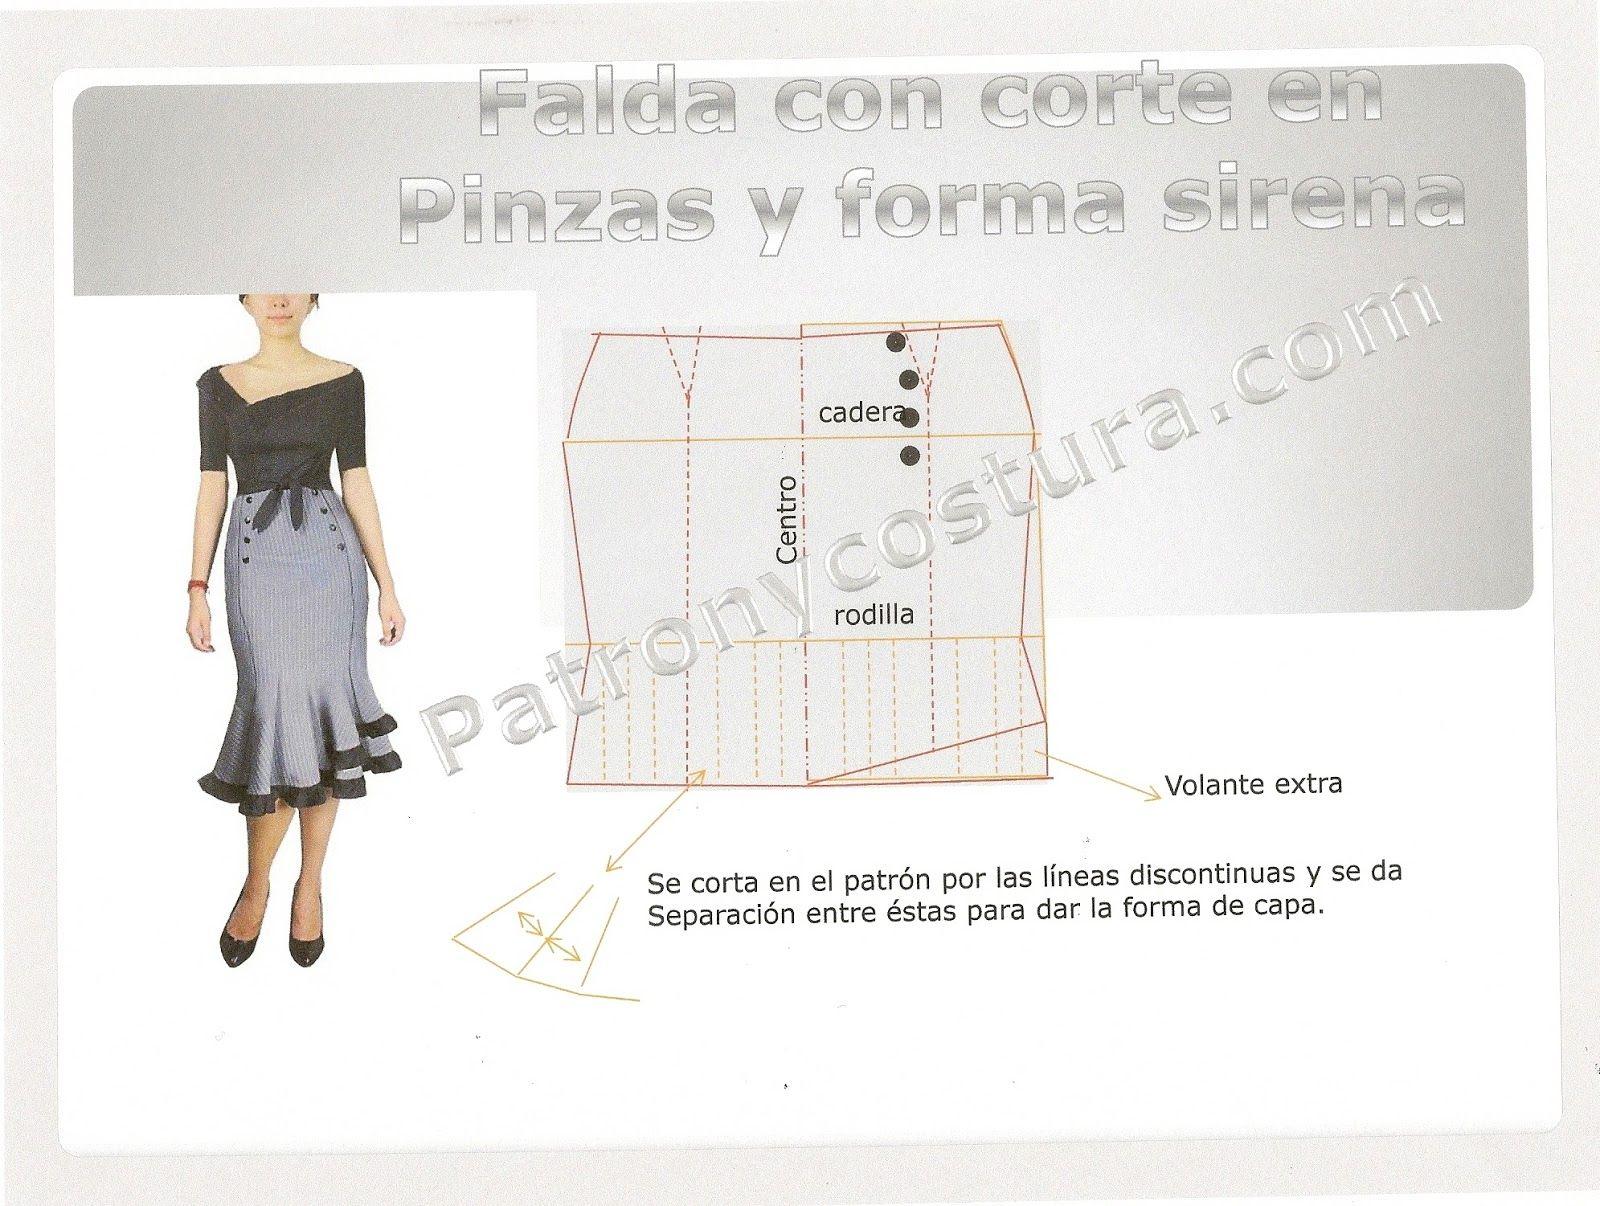 Modelos de falda tipo sirena   Pinterest   Pinzas, Sirenitas y Falda